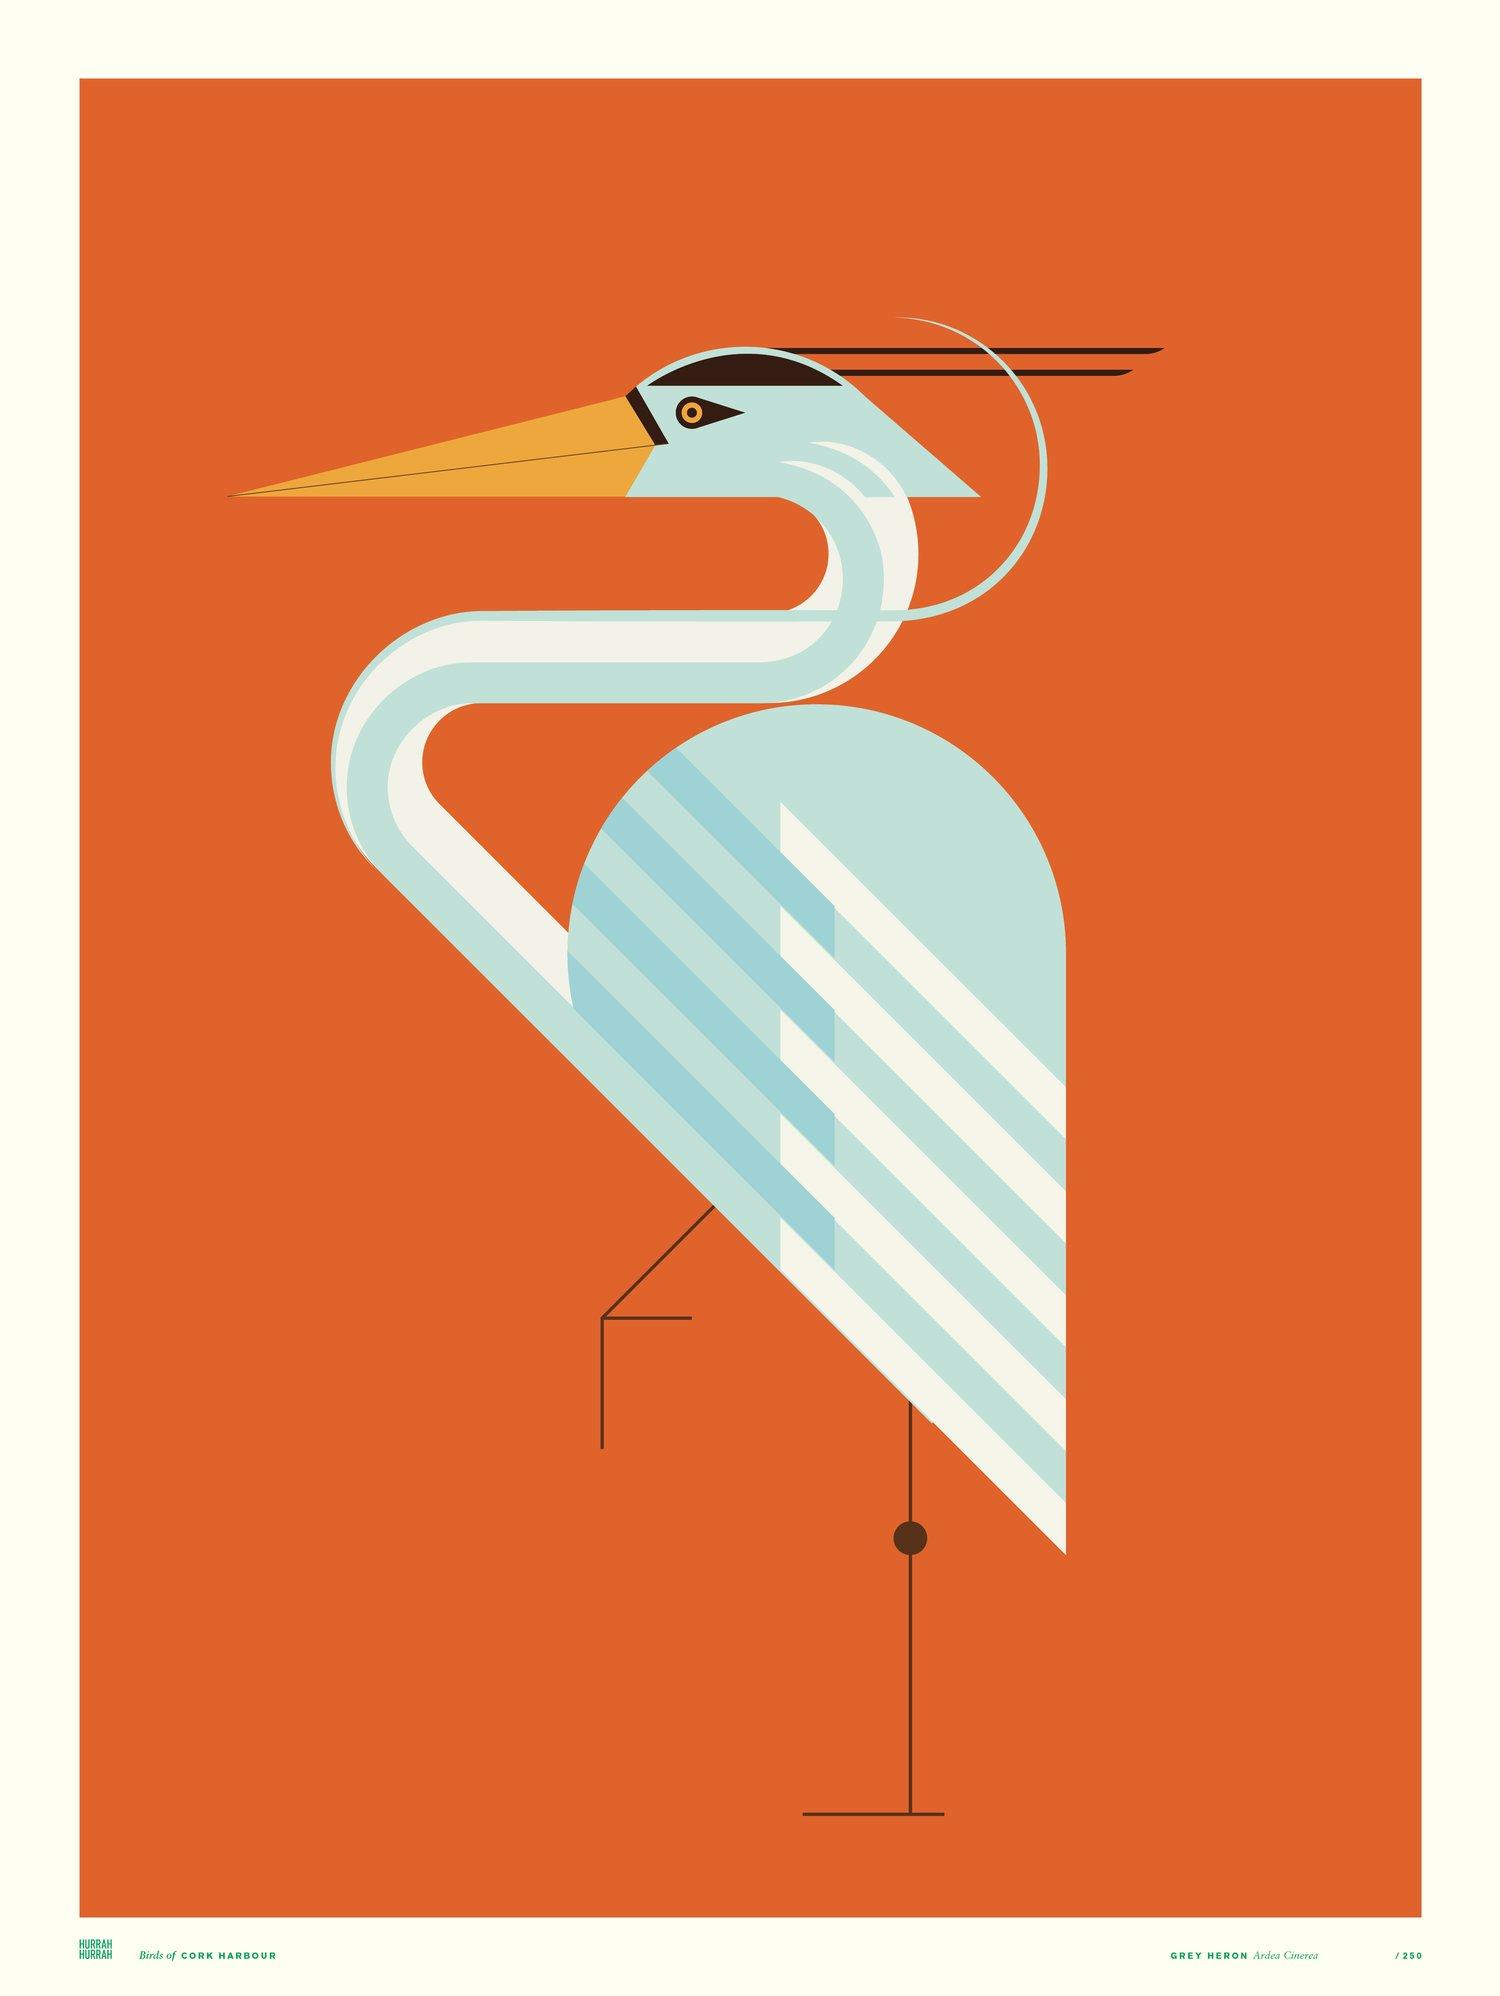 Grey Heron / Cork Harbour Bird Series